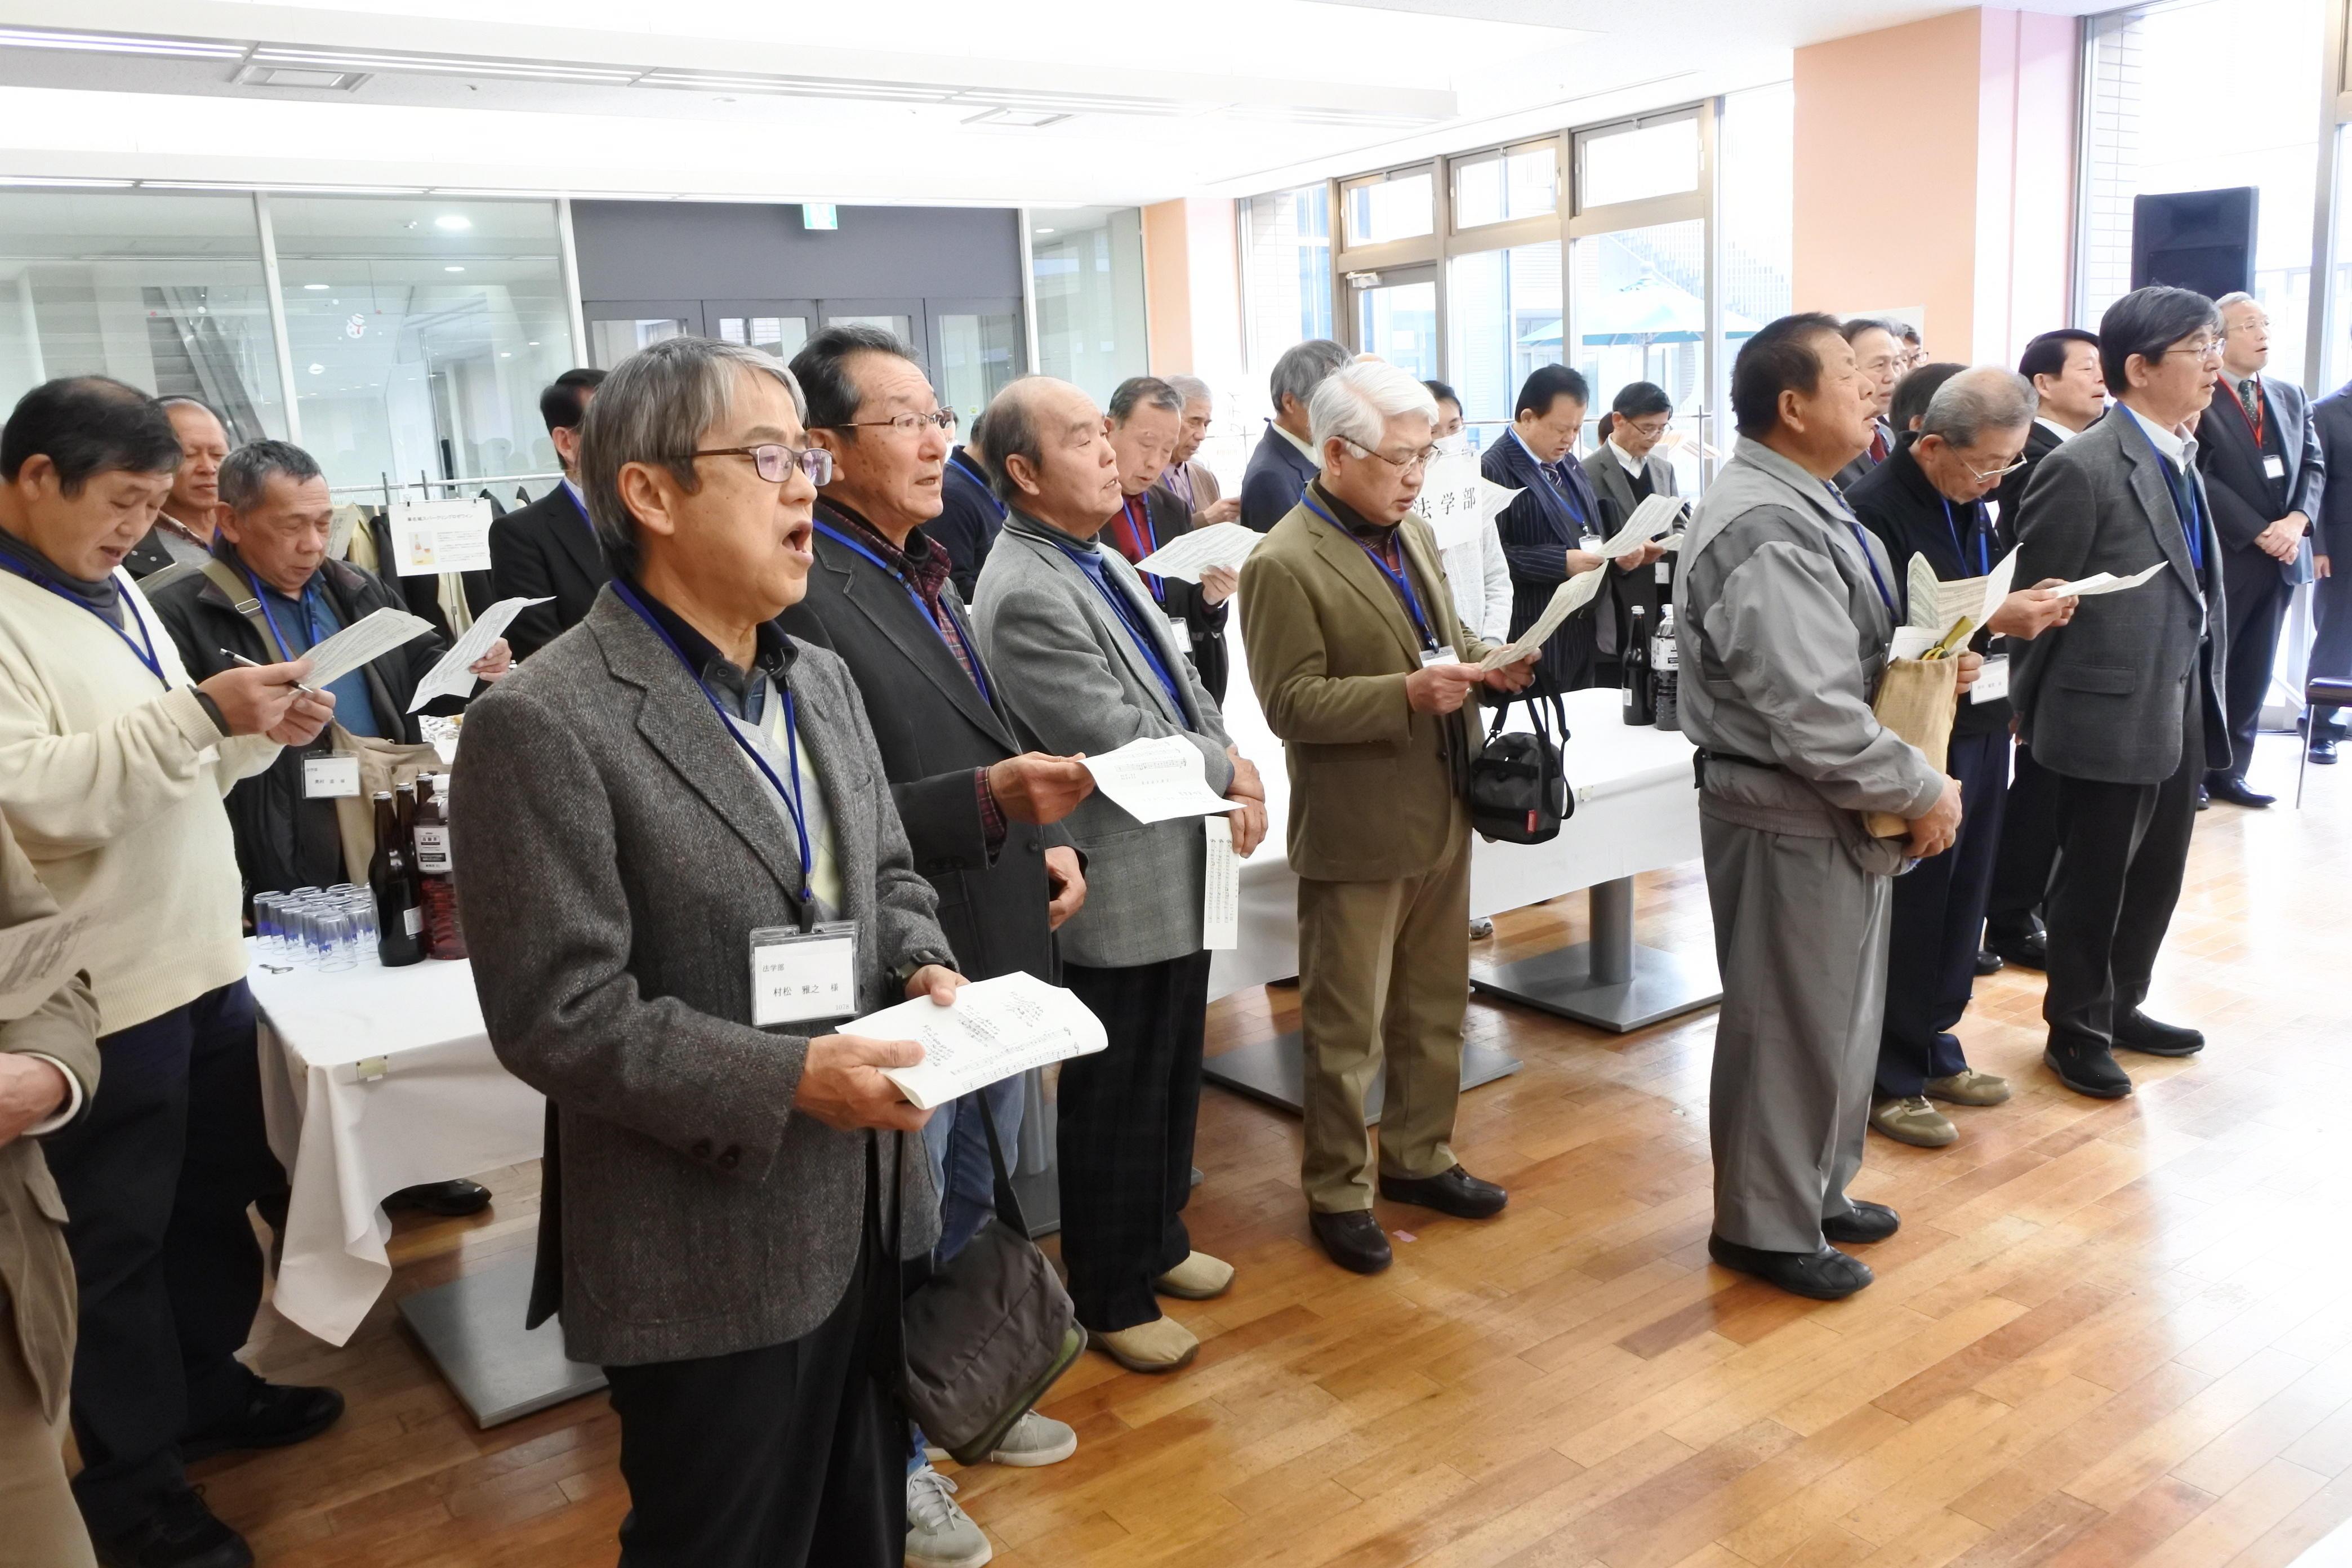 学歌を斉唱する参加者